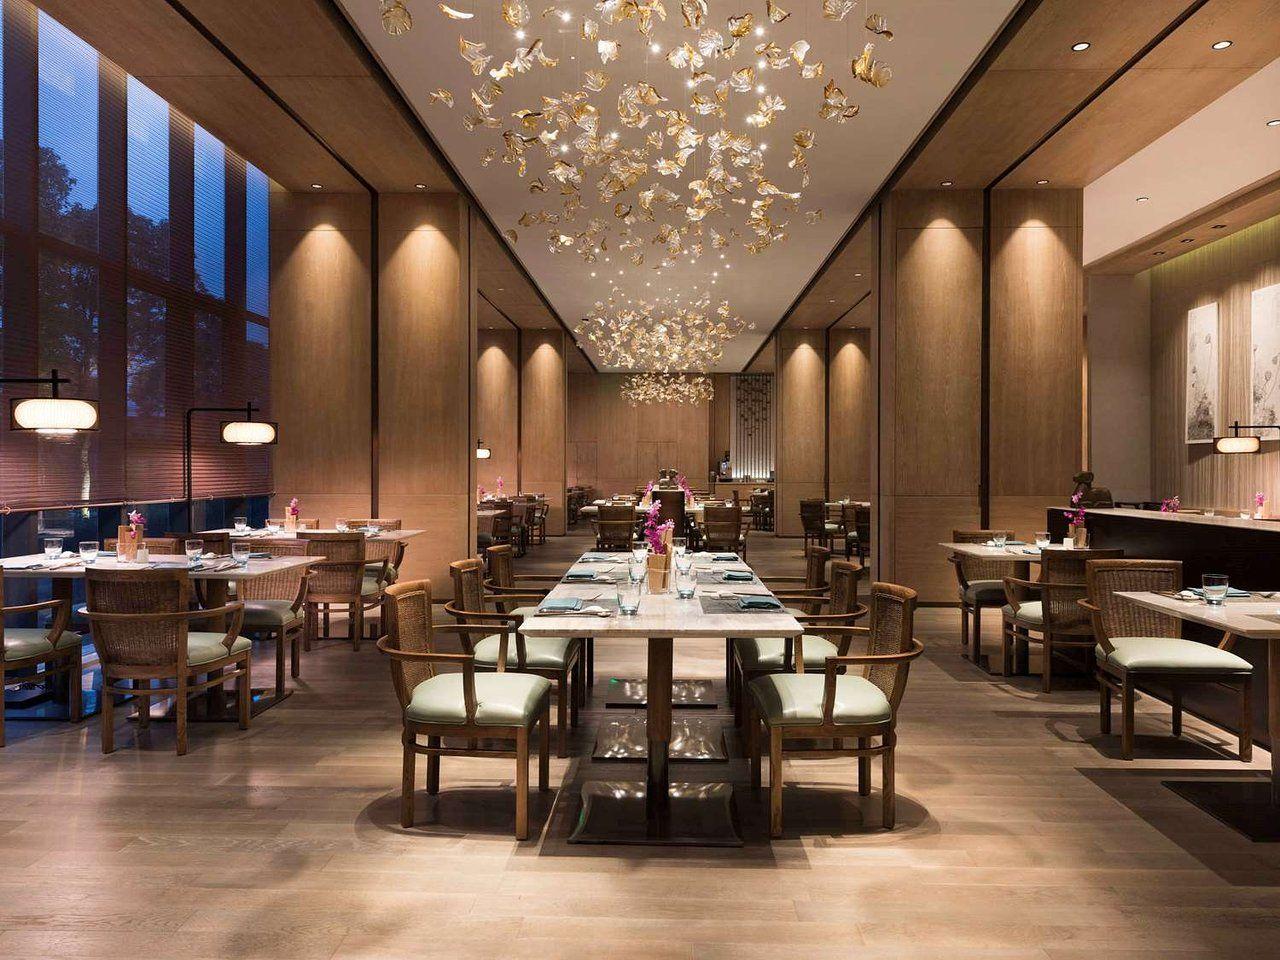 NOVOTEL SHANGHAI CLOVER HOTEL (S̶̶1̶2̶7̶) S94 UPDATED